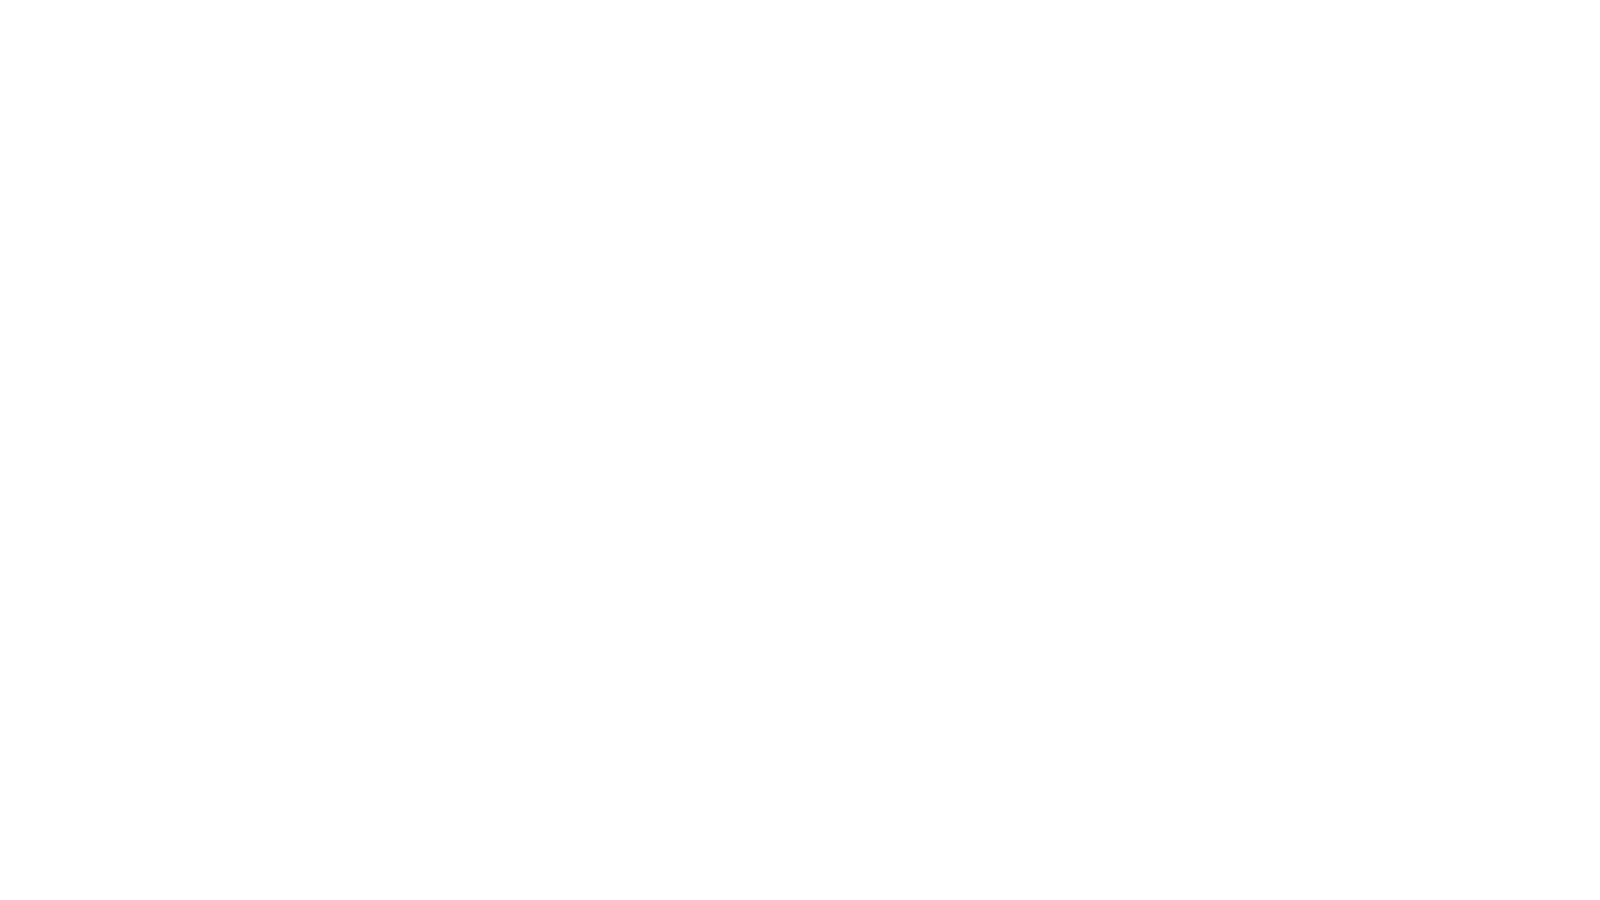 半島青年商會【祖國事務組】樂聚半島非凡50呈獻:「黔夢同行二十載」工作計劃